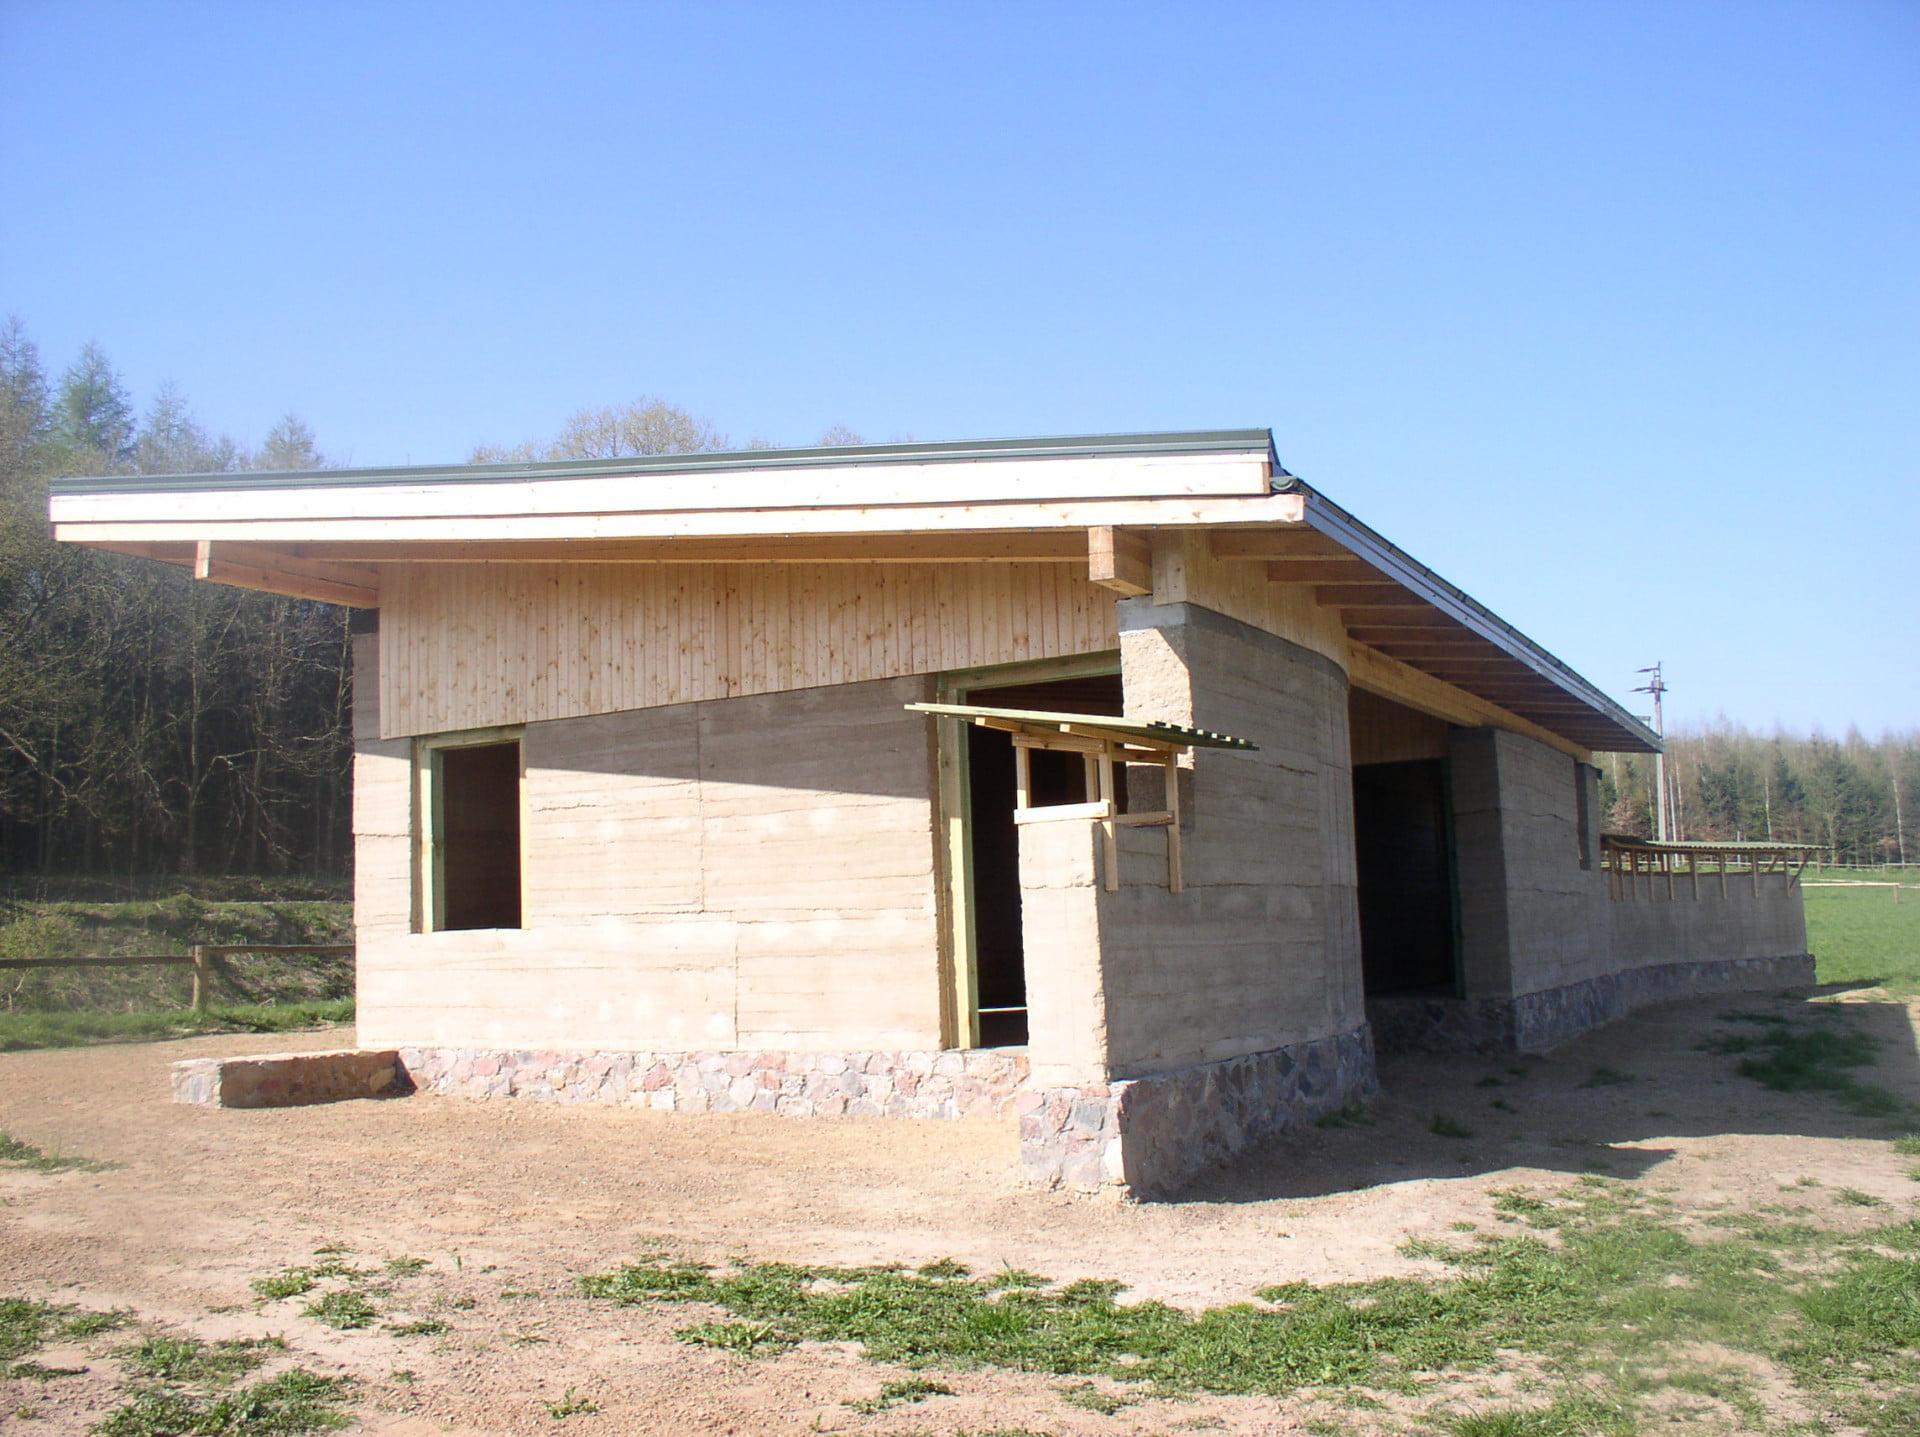 budownictwo z ziemi - konstrukcja pawilonu z ziemi ubijanej pozyskanej na miejscu budowy